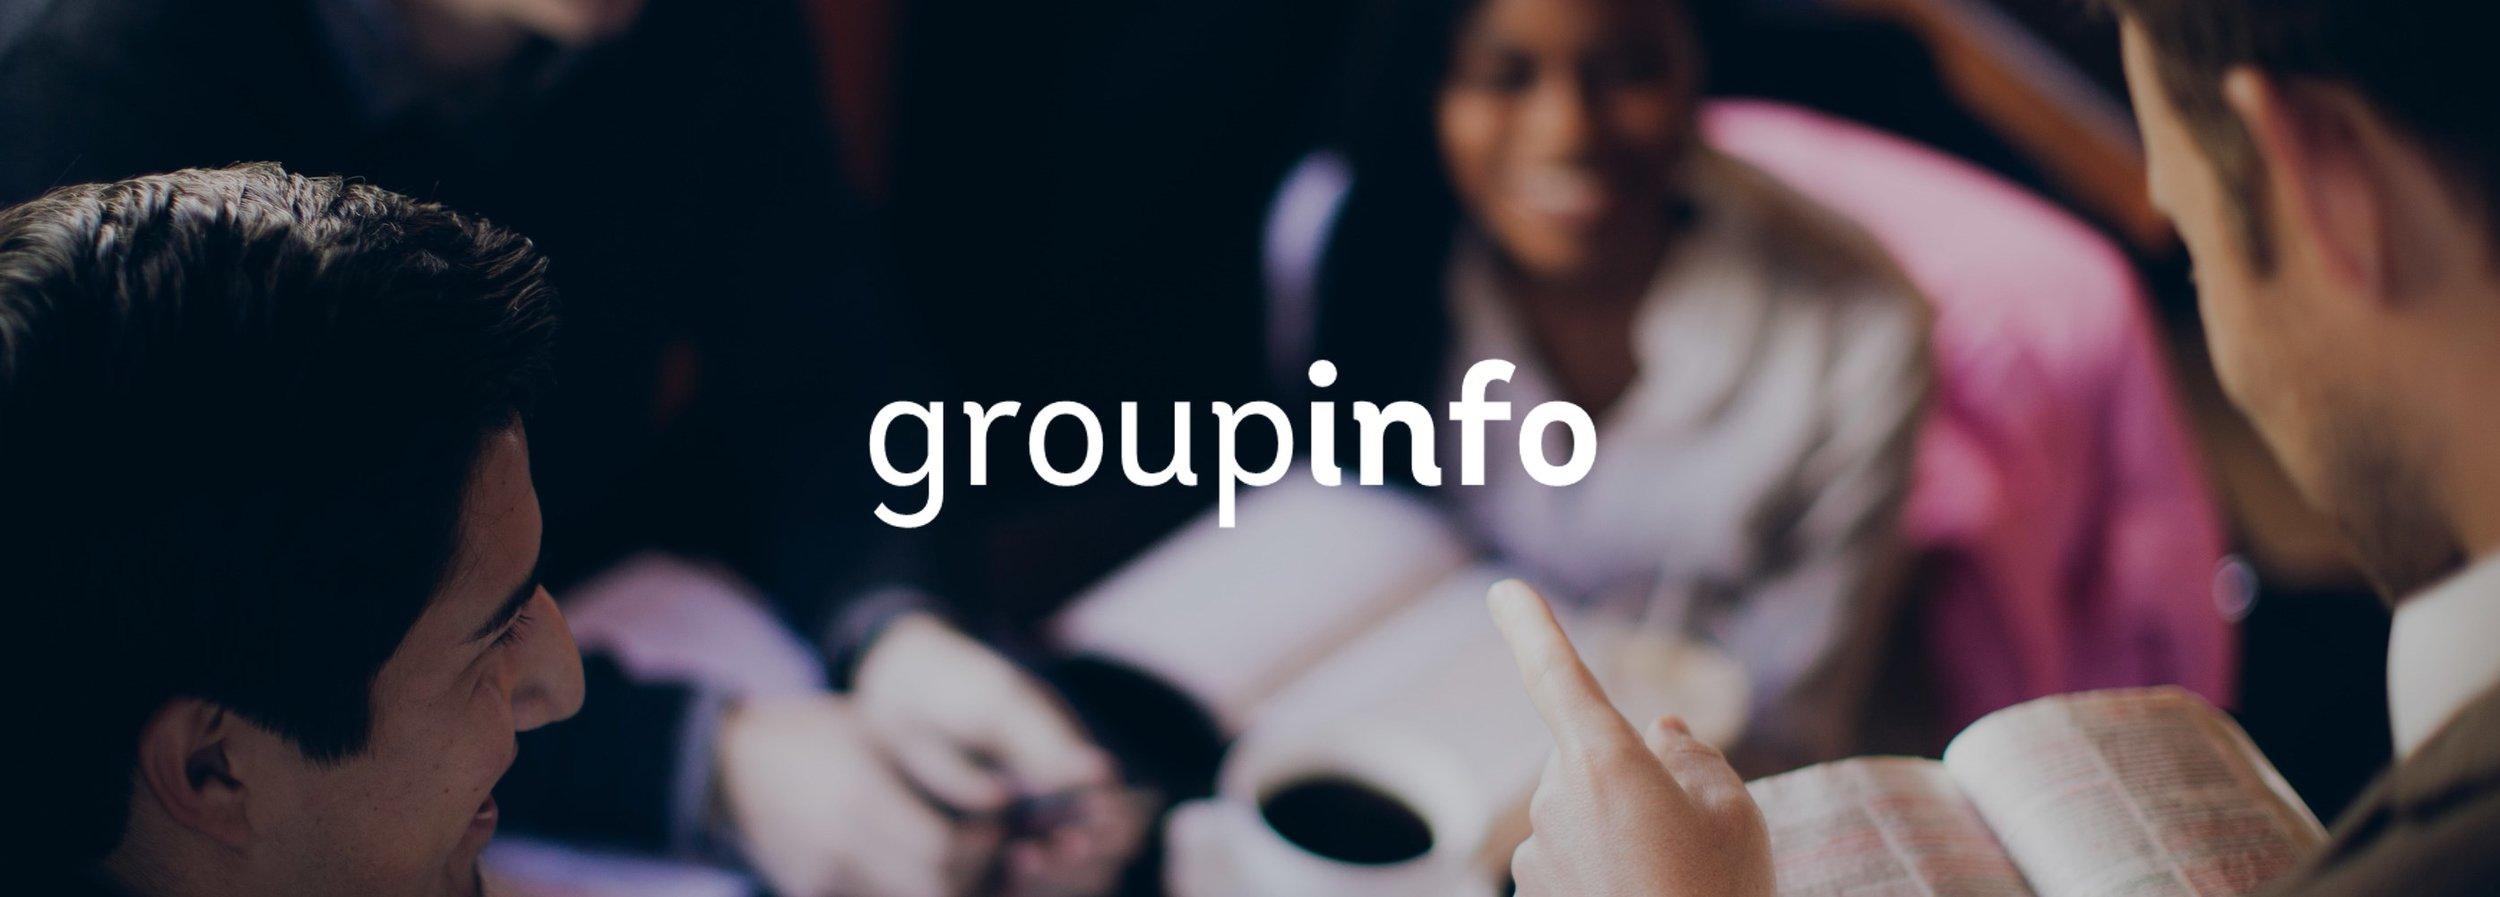 group info form banner.jpg